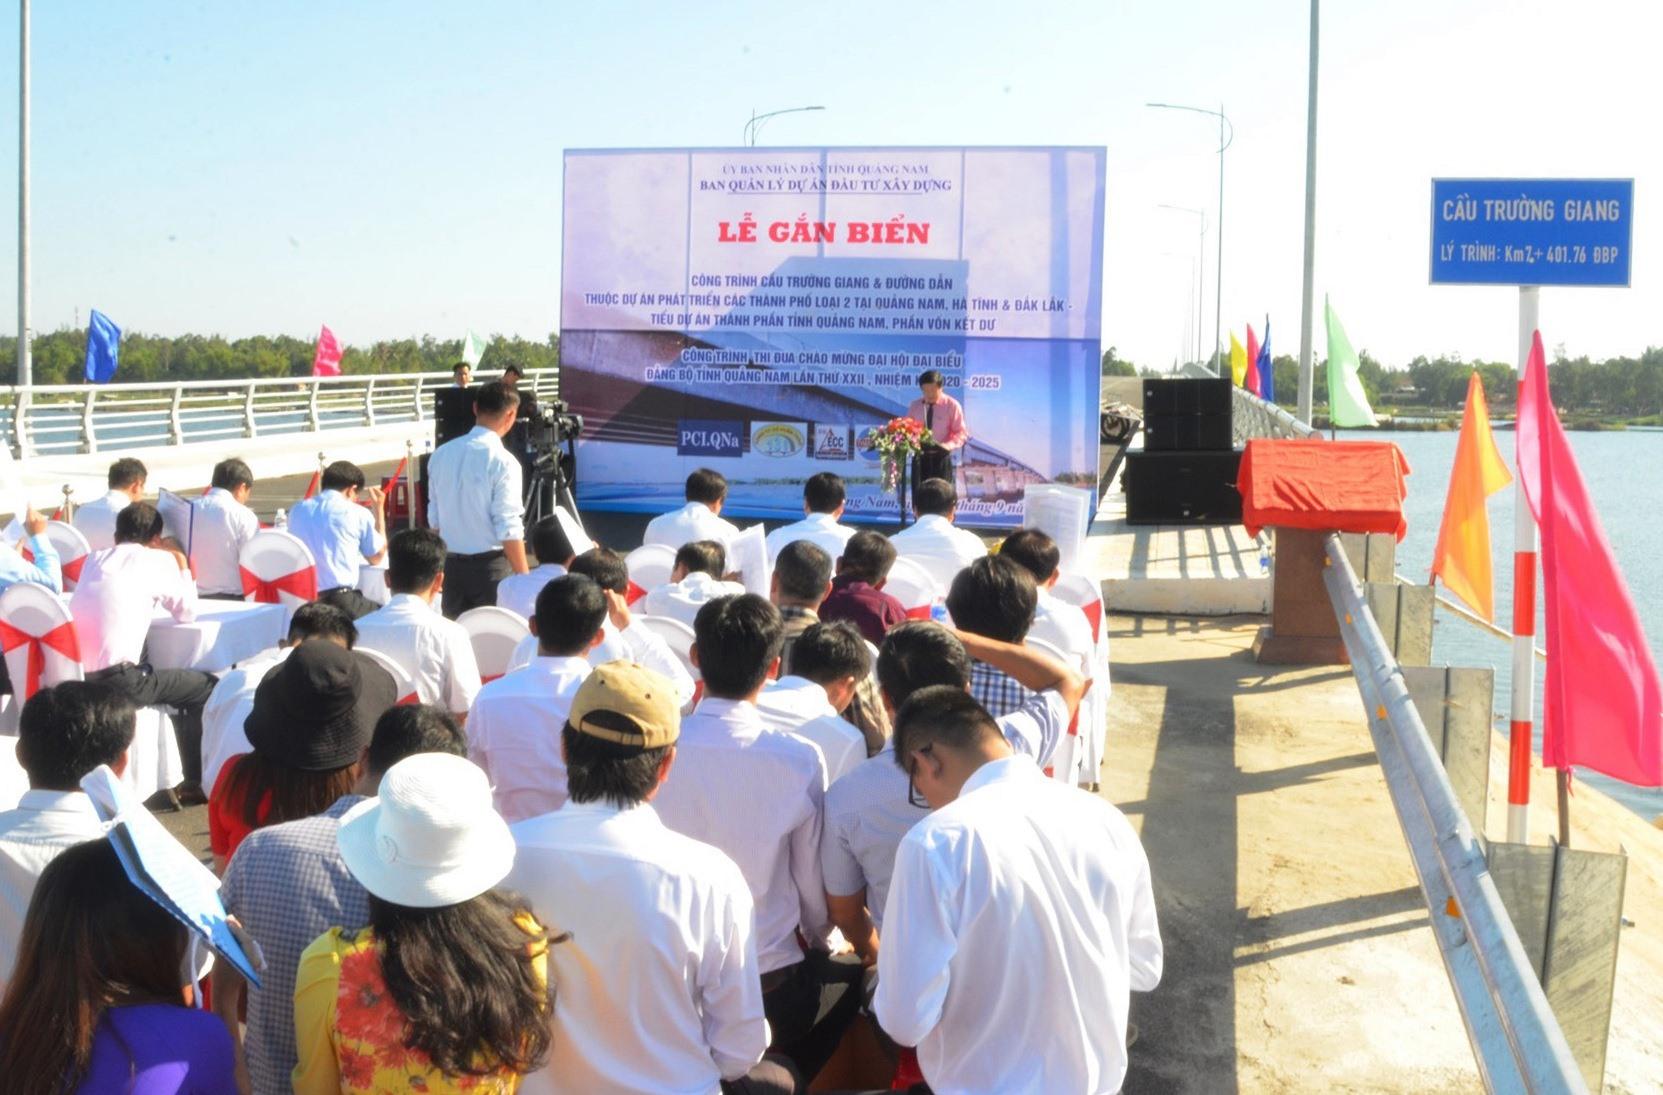 Nhiều người dân ở vùng đông dự lễ gắn biển hoàn thành công trình cầu Trường Giang và đường dẫn